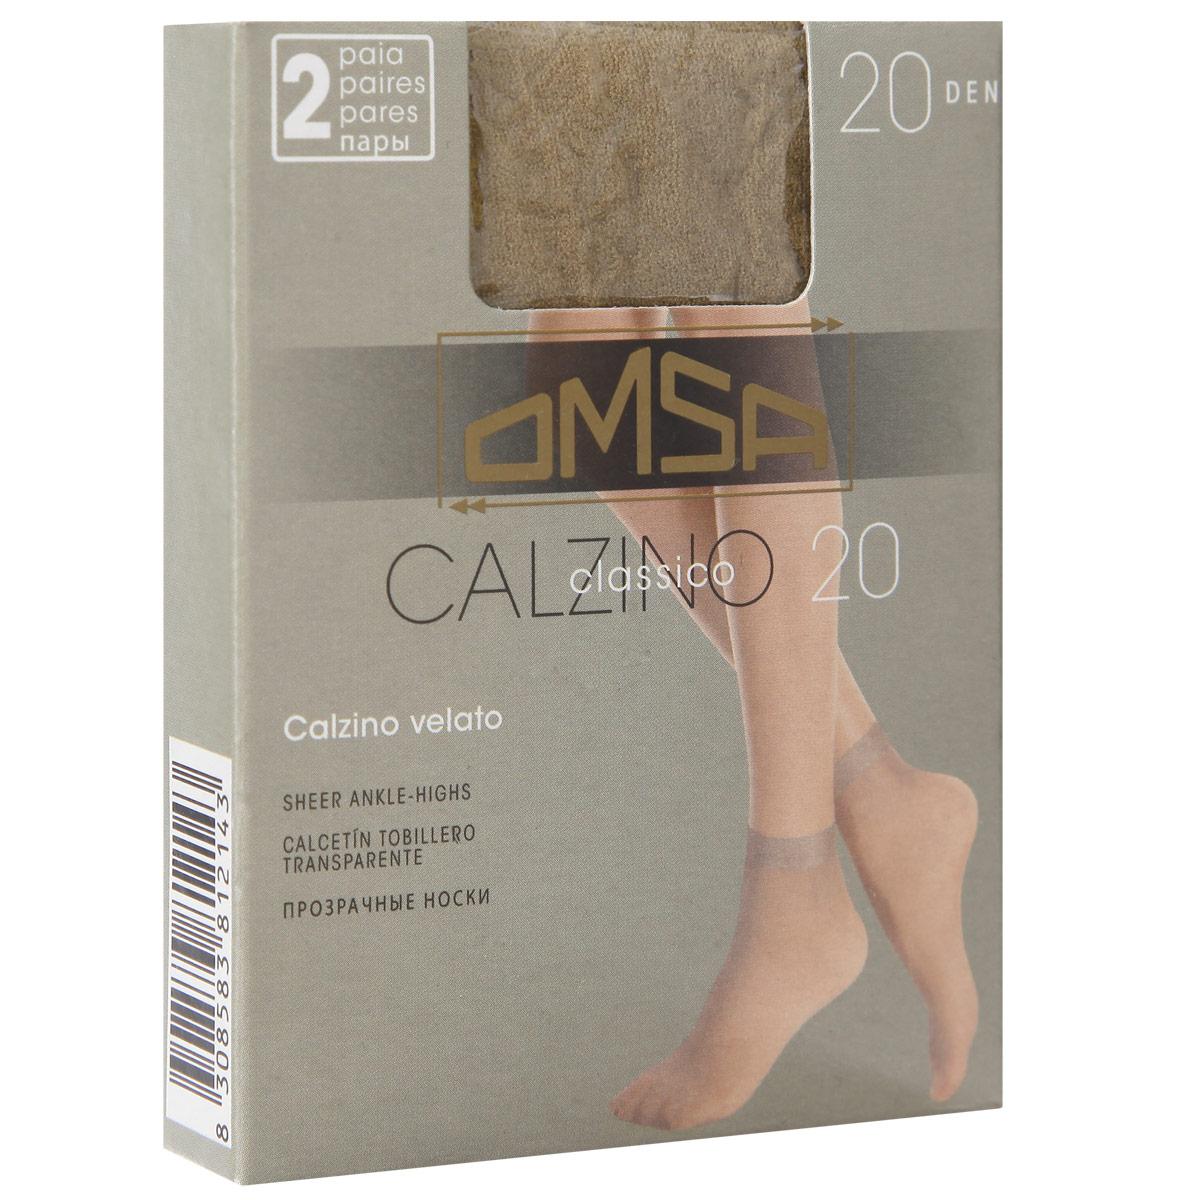 Носки женские Omsa Classico 20. Caramello (бледно-коричневый), 2 пары. Размер универсальный чулки omsa malizia размер 4 плотность 20 den caramello